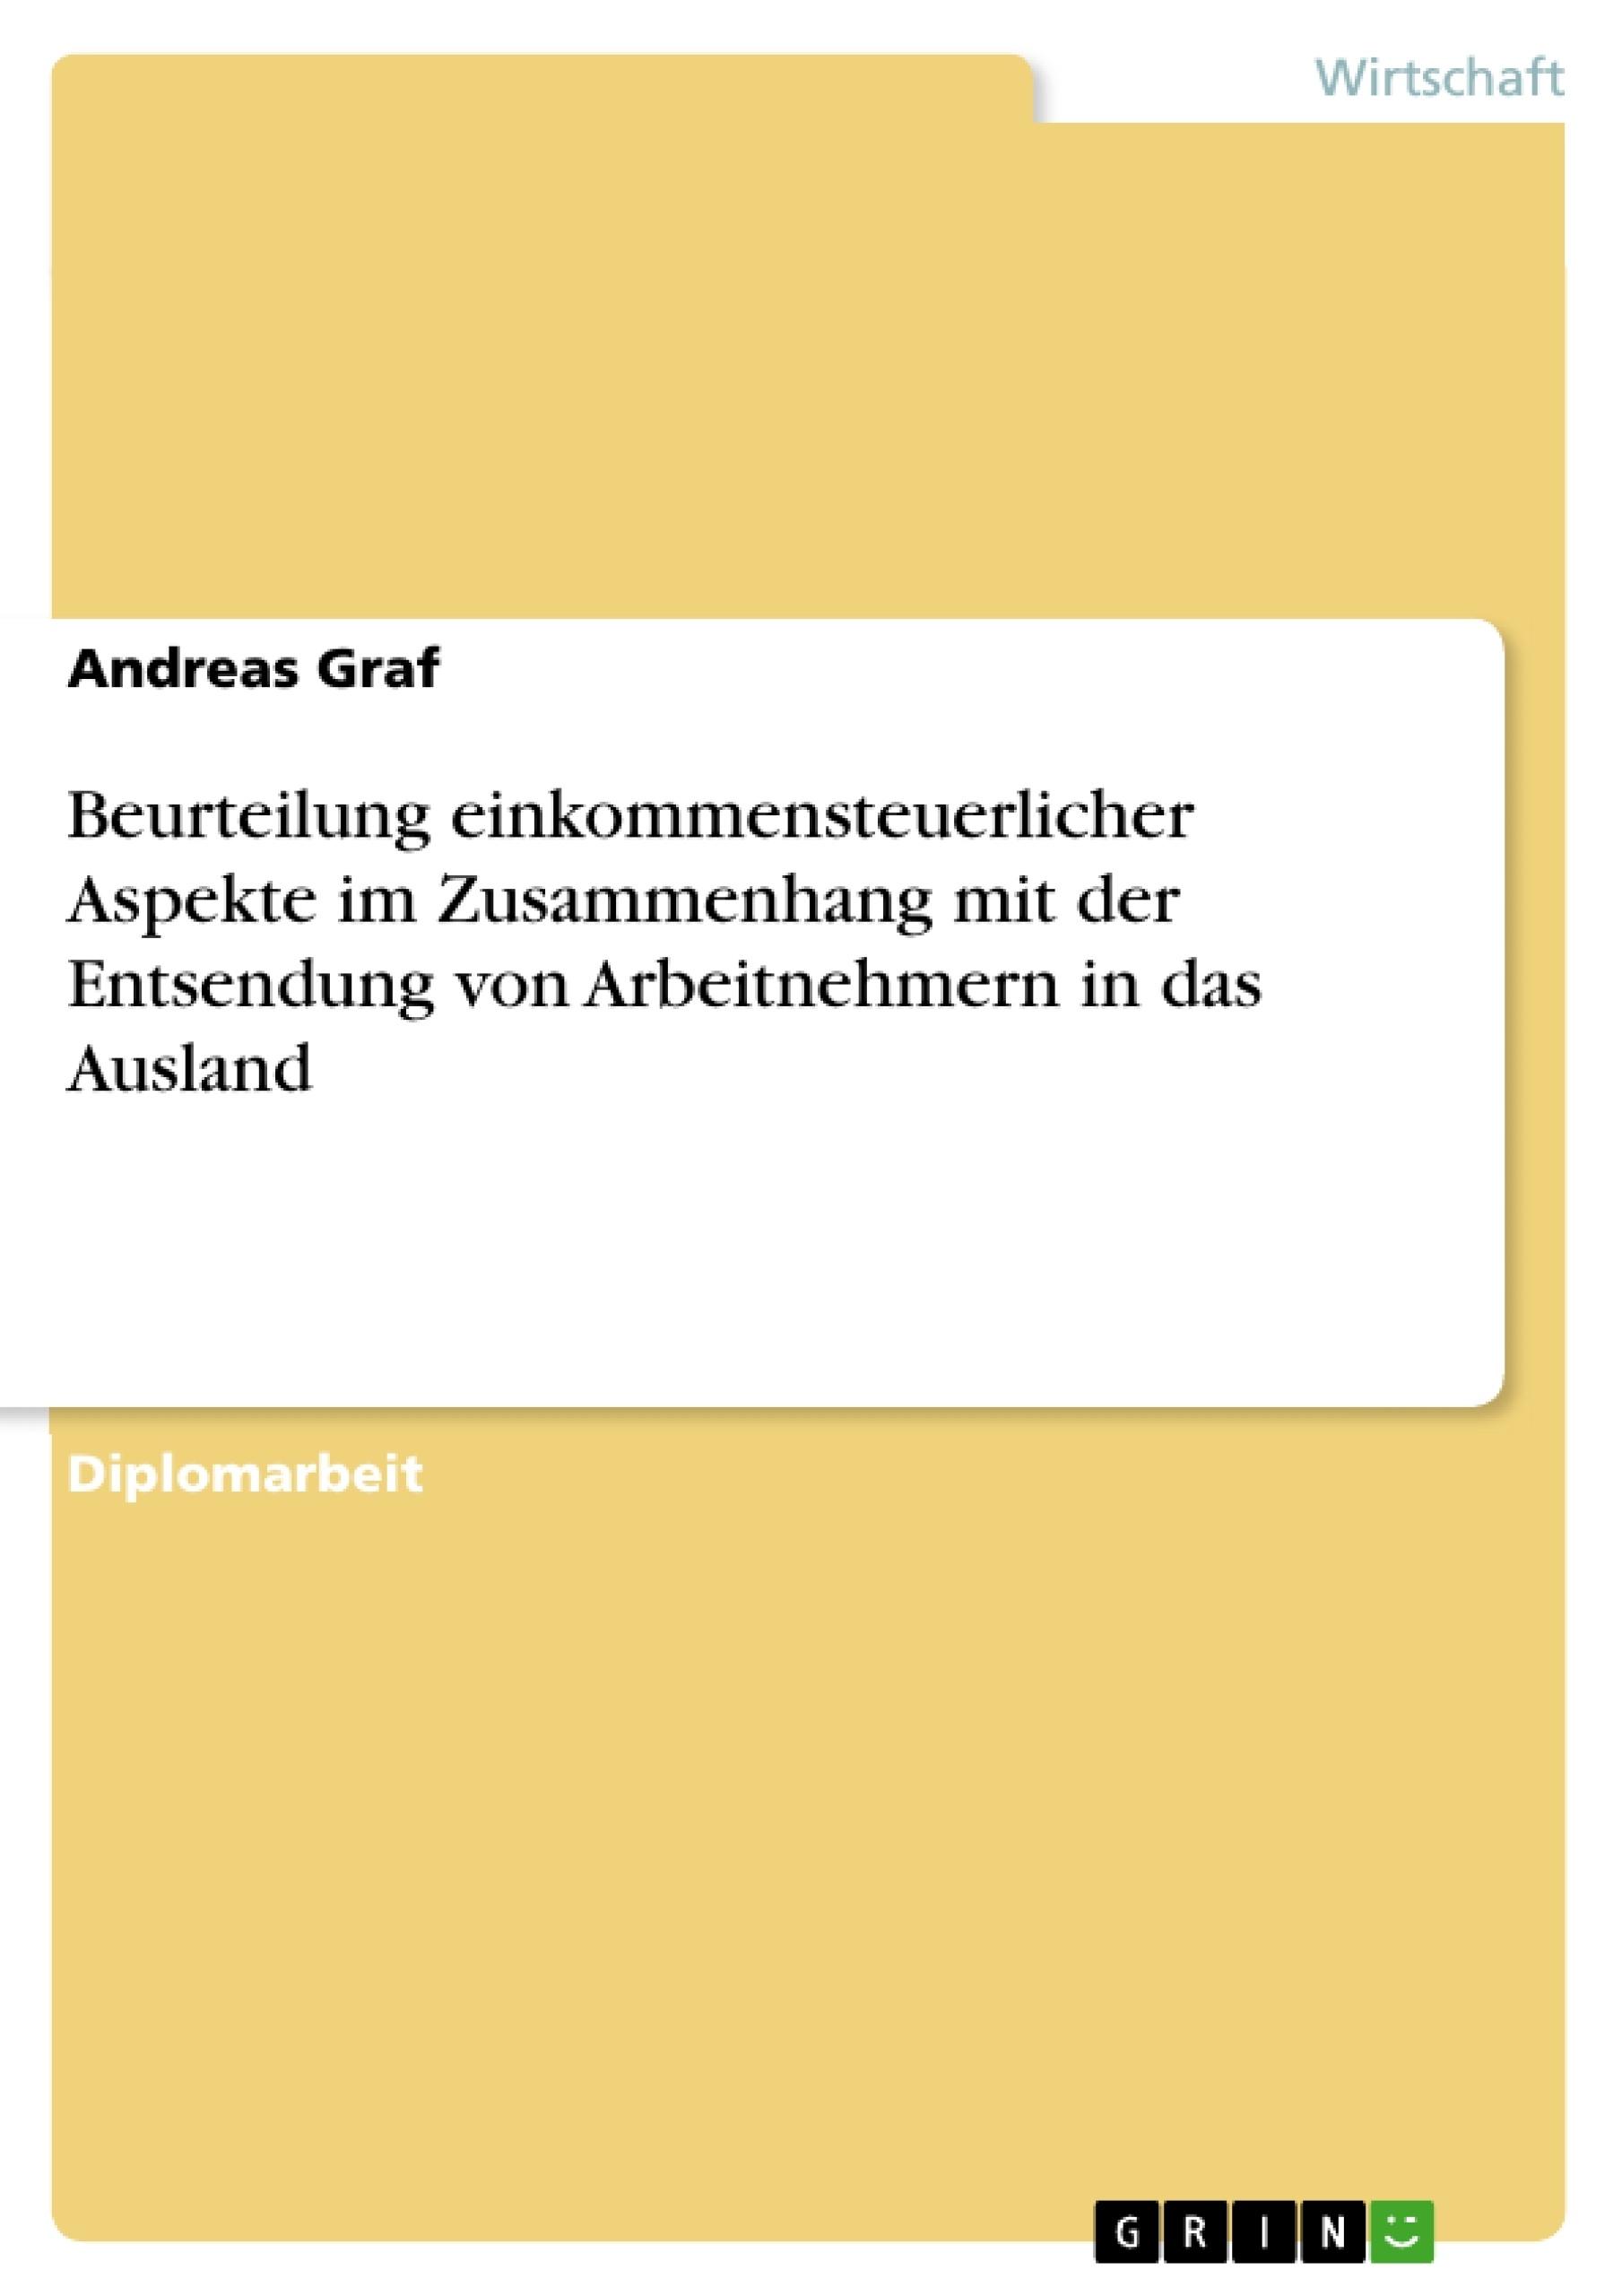 Titel: Beurteilung einkommensteuerlicher Aspekte im Zusammenhang mit der Entsendung von Arbeitnehmern in das Ausland